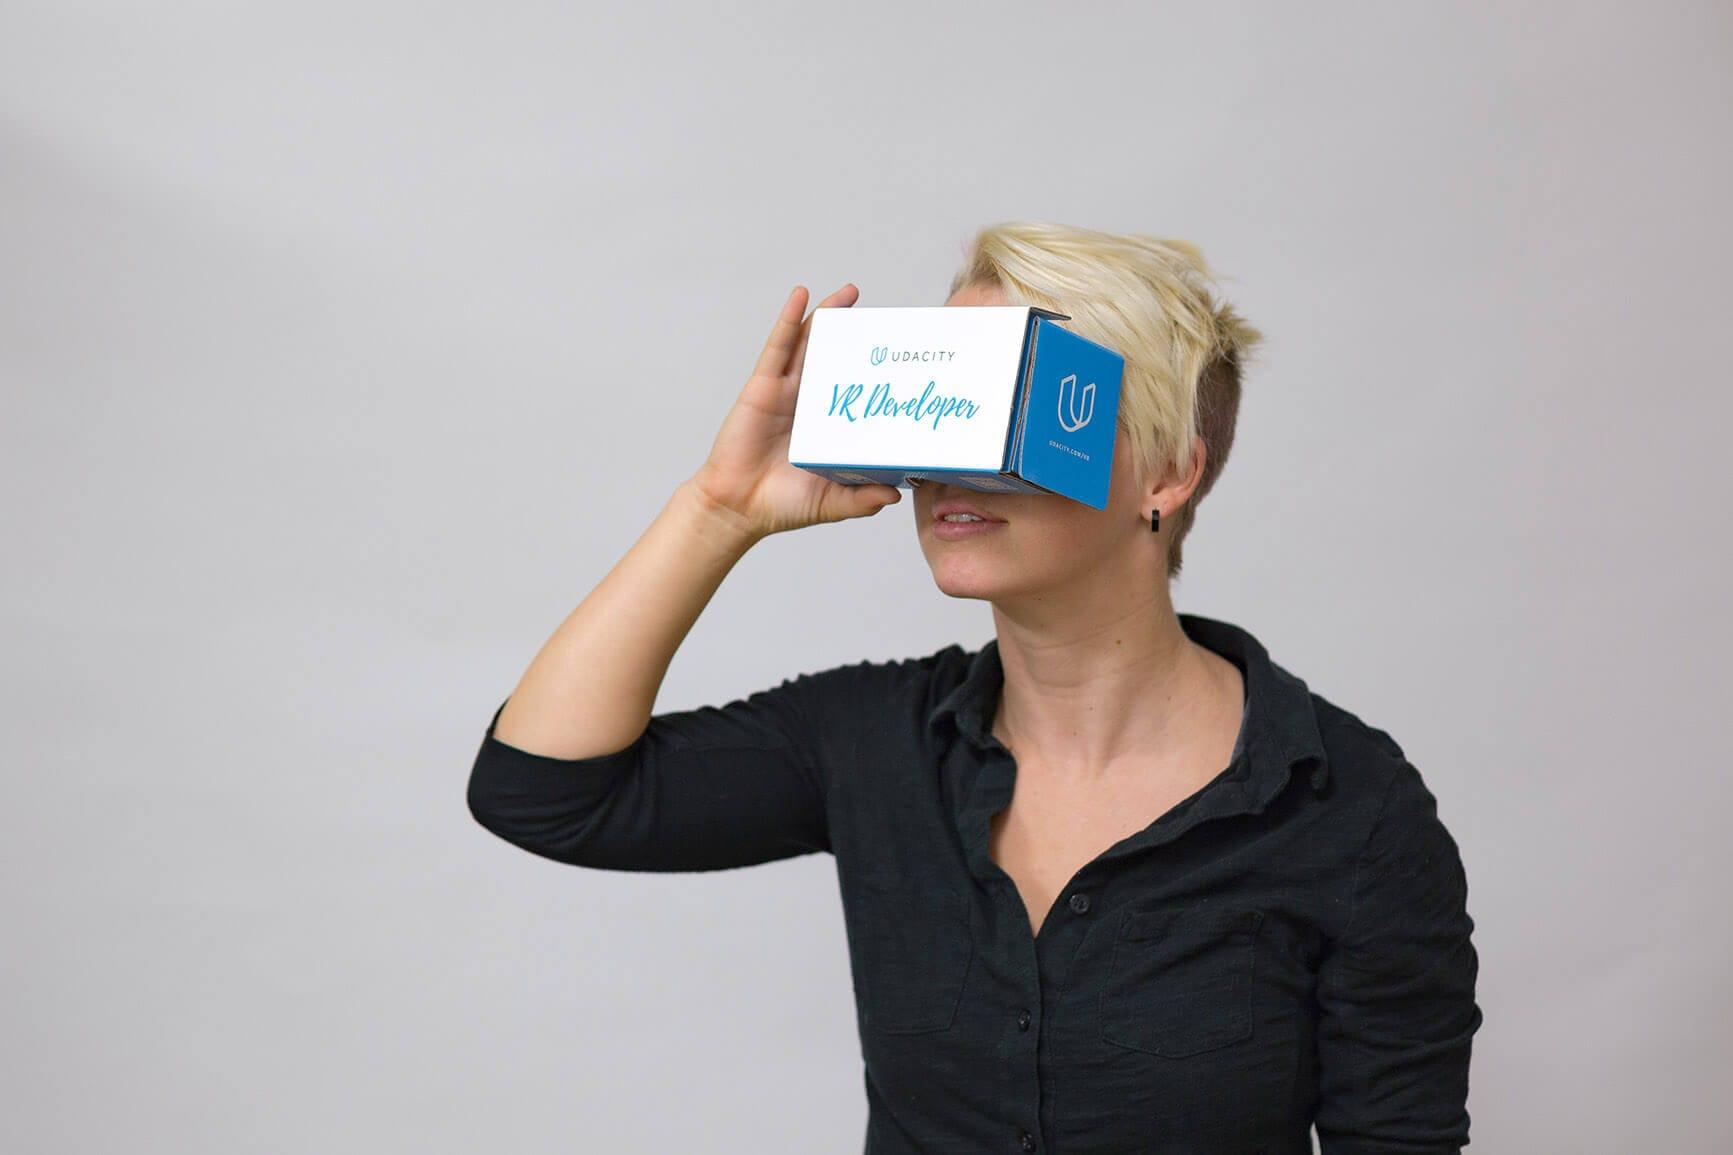 Become a VR Developer